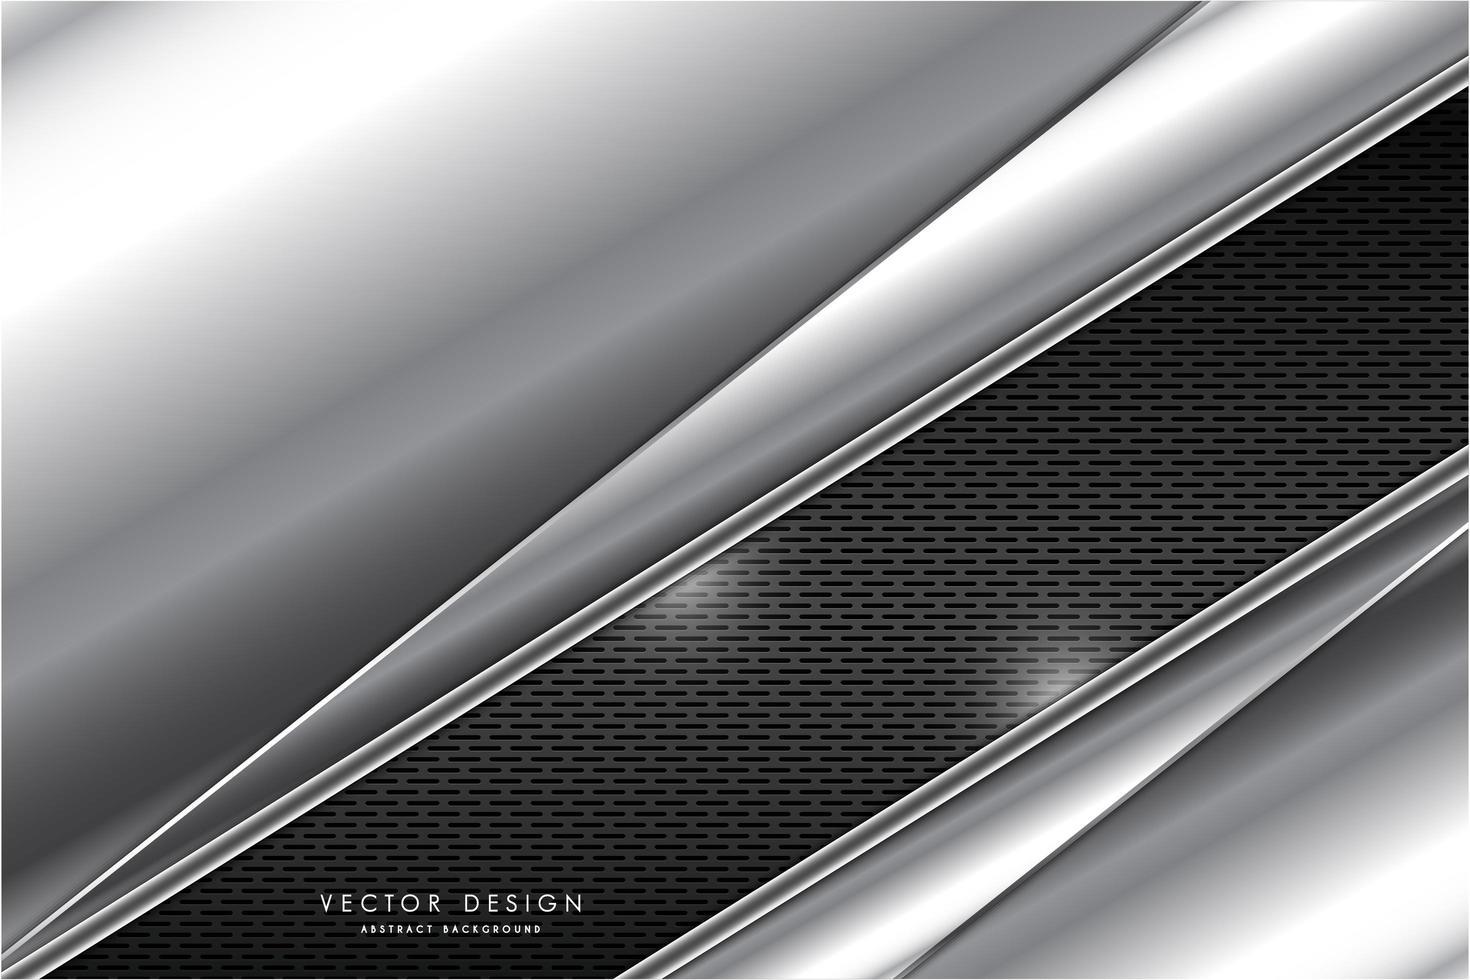 Plaques angulaires argent métallique sur la texture de la grille grise vecteur